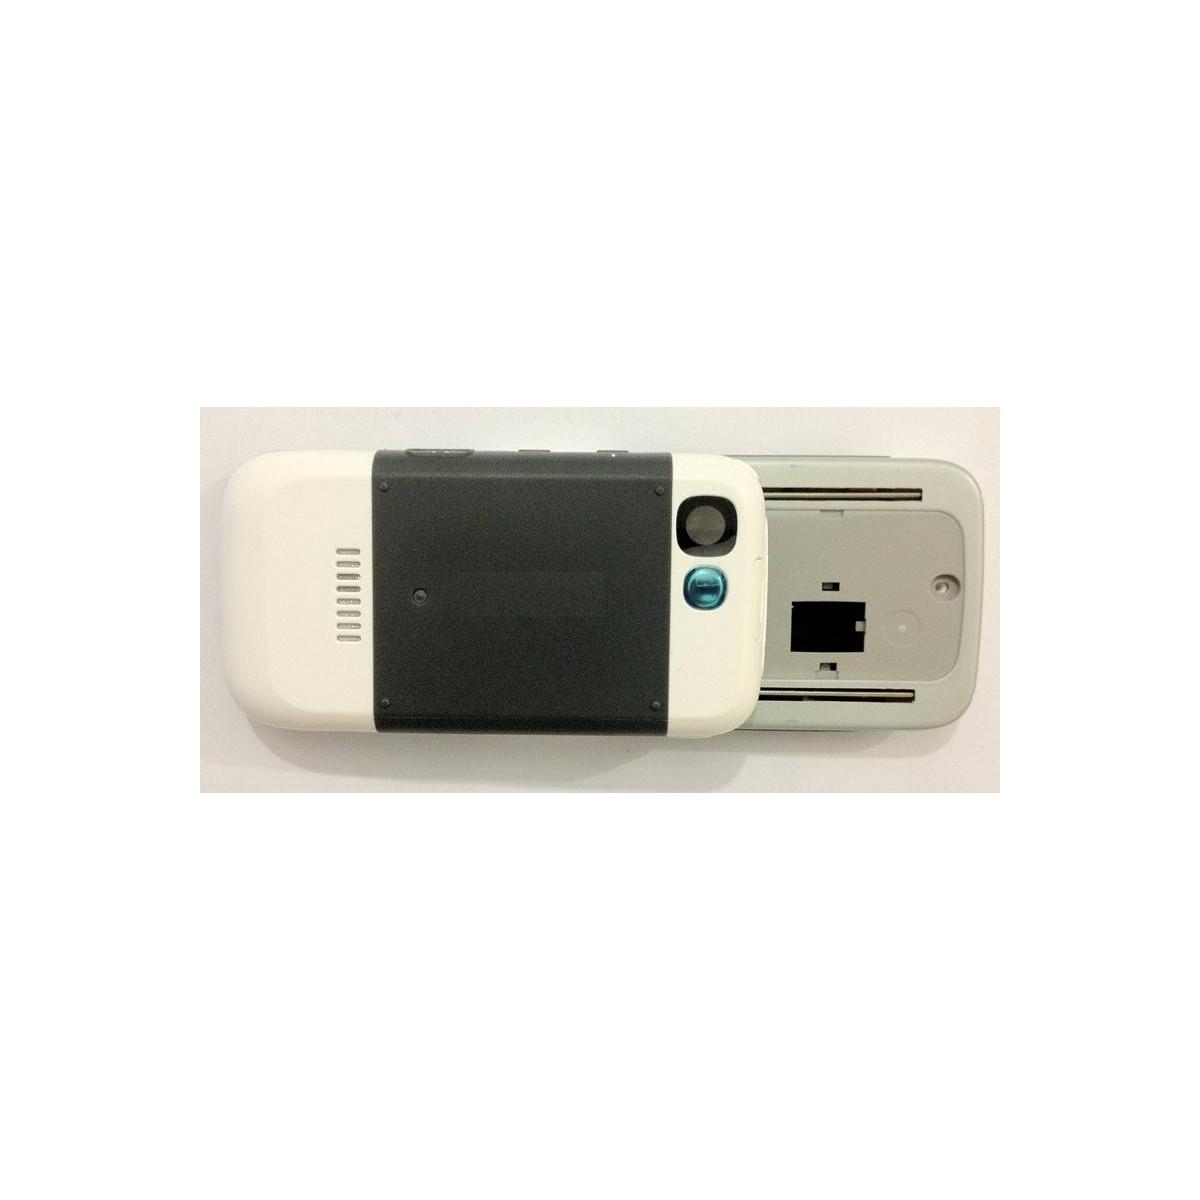 Carcasa Nokia 5300 Completa